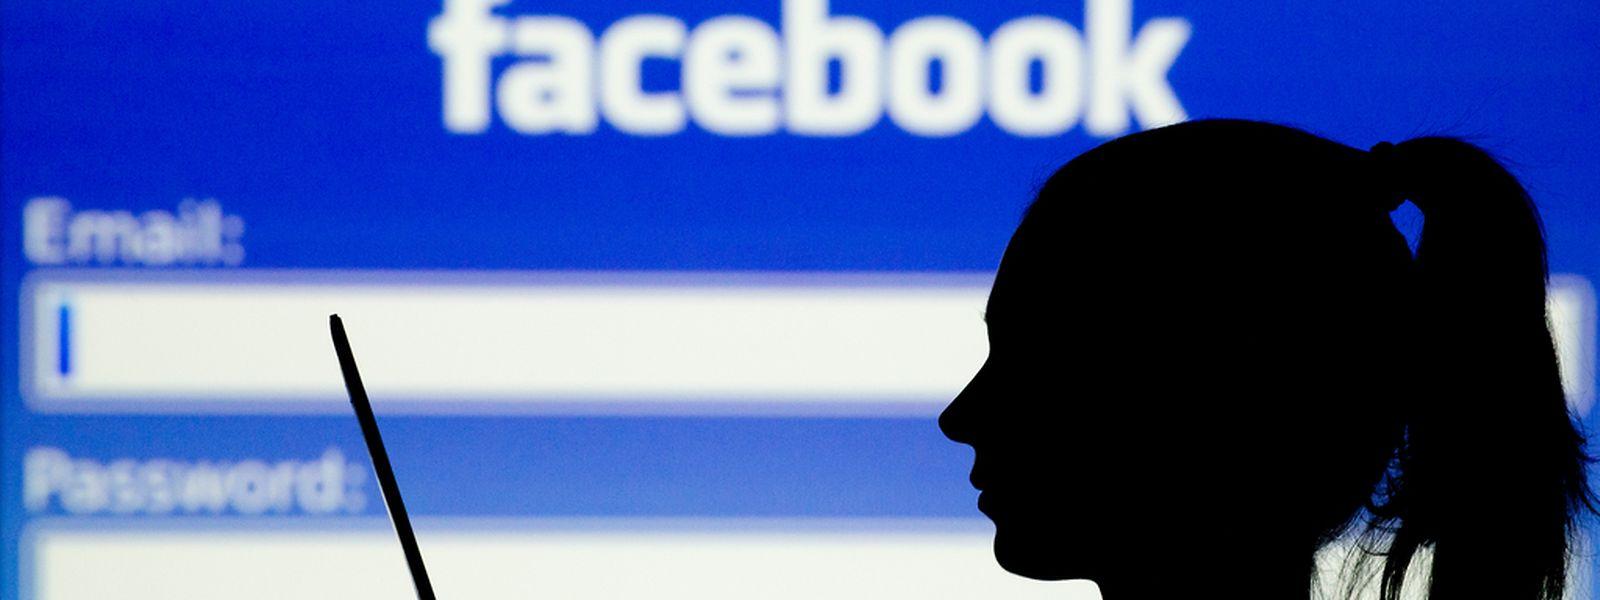 Wer mit den neuen Nutzungsbedingungen nicht einverstanden ist, dem bleibt nur, sich nach dem 1. Januar 2015 nicht mehr in Facebook einzuloggen oder das Profil komplett zu löschen.